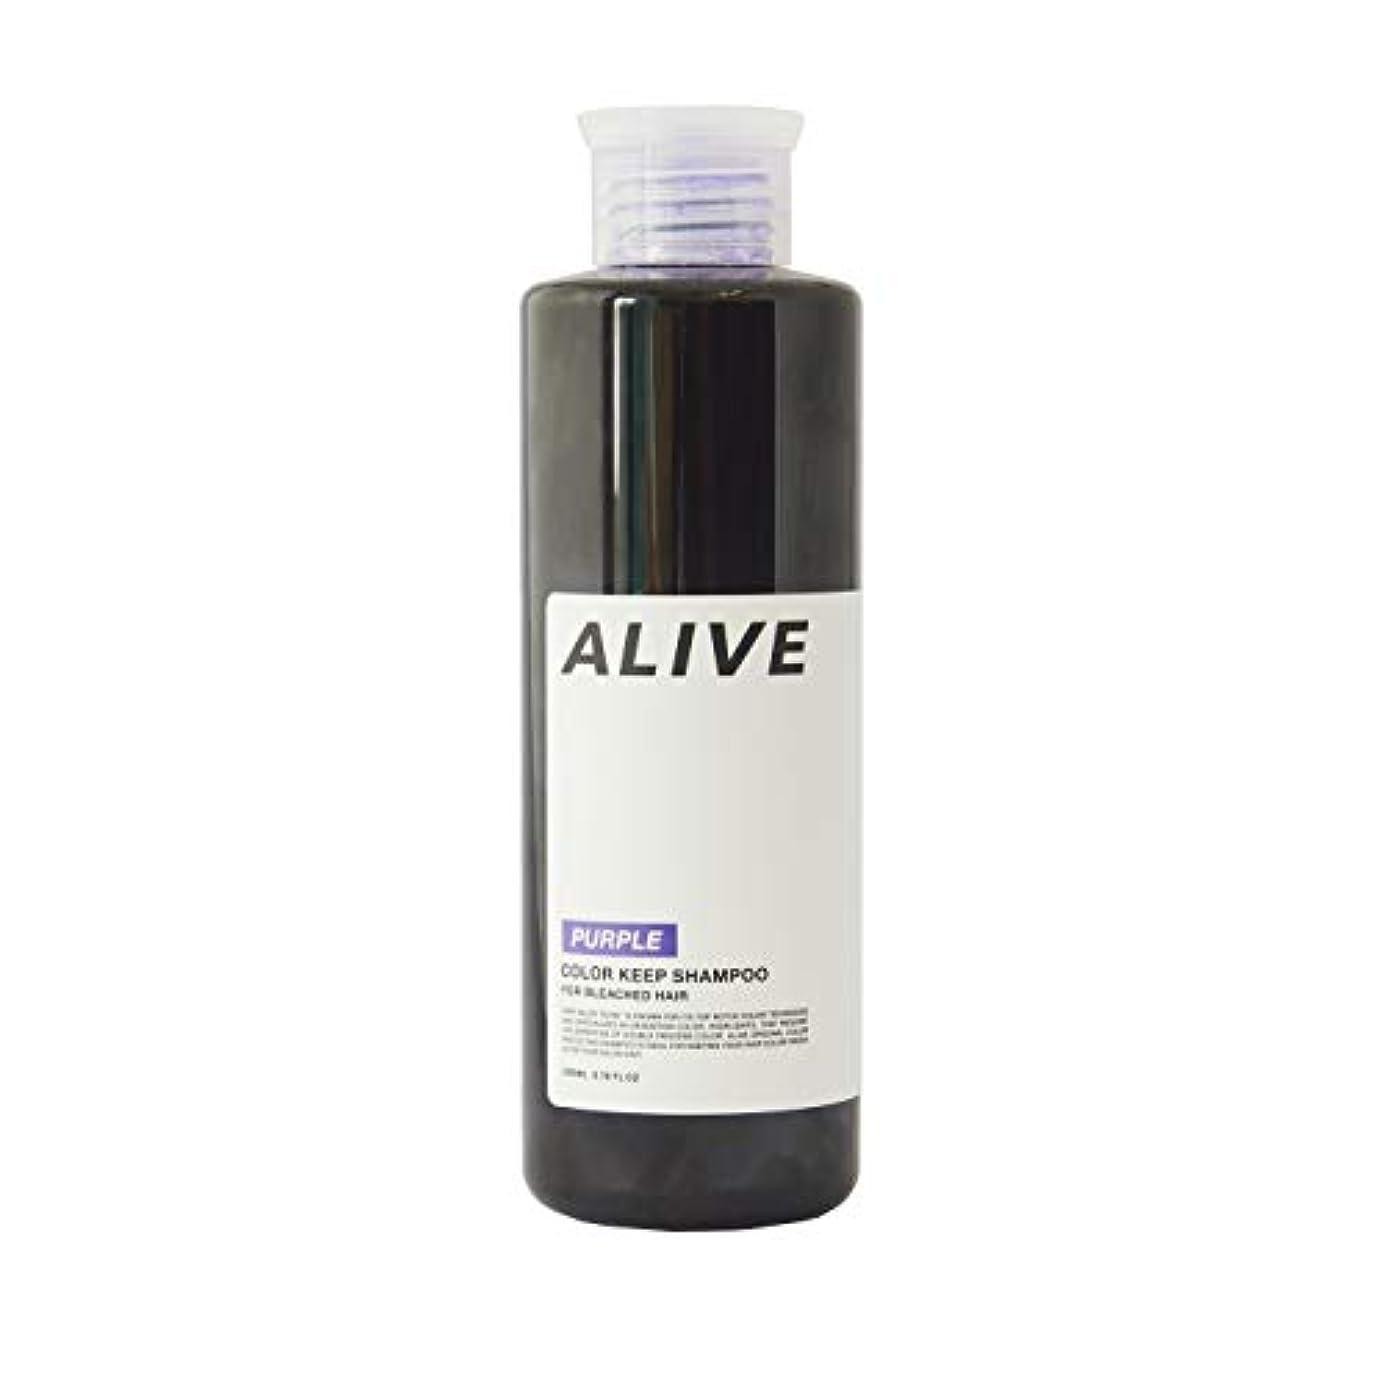 覚えている資格疾患ALIVE アライブ カラーシャンプー 極濃 紫シャンプー 200ml ムラサキ パープル ムラシャン ムラサキシャンプー